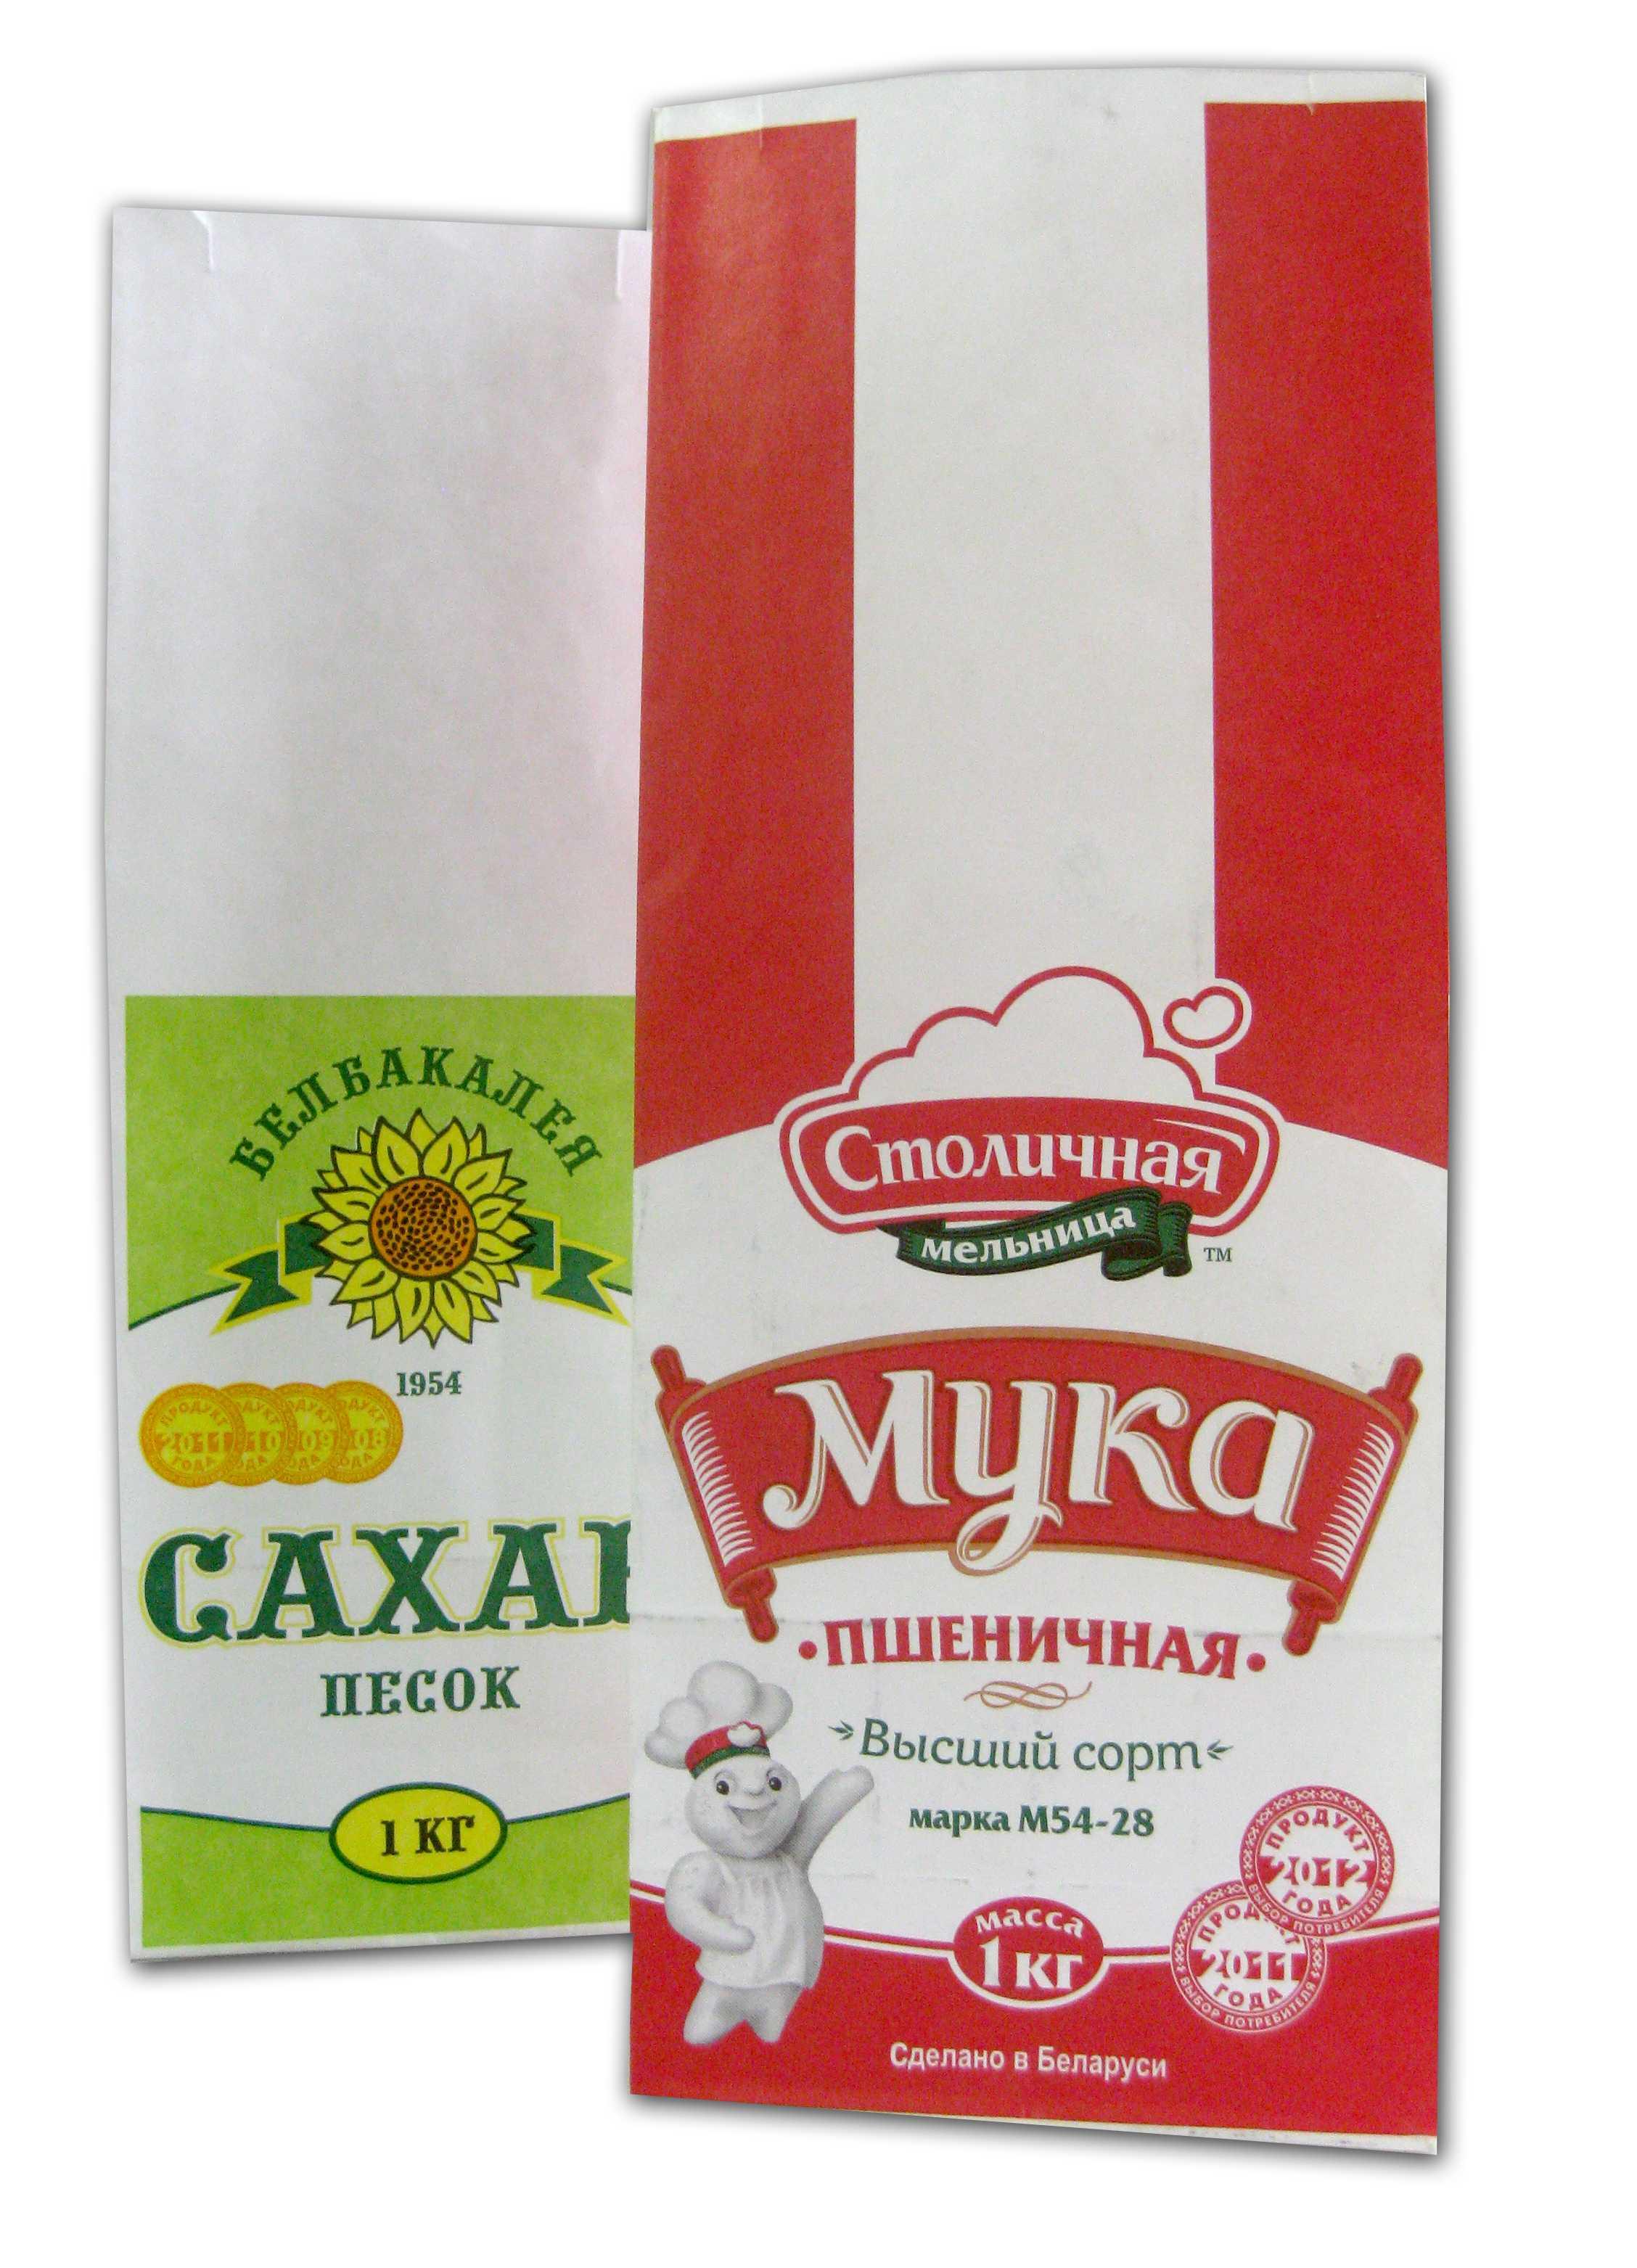 Изготовление бумажных пакетов с квадратным дном для 0,5 и 1 кг для сыпучих продуктов